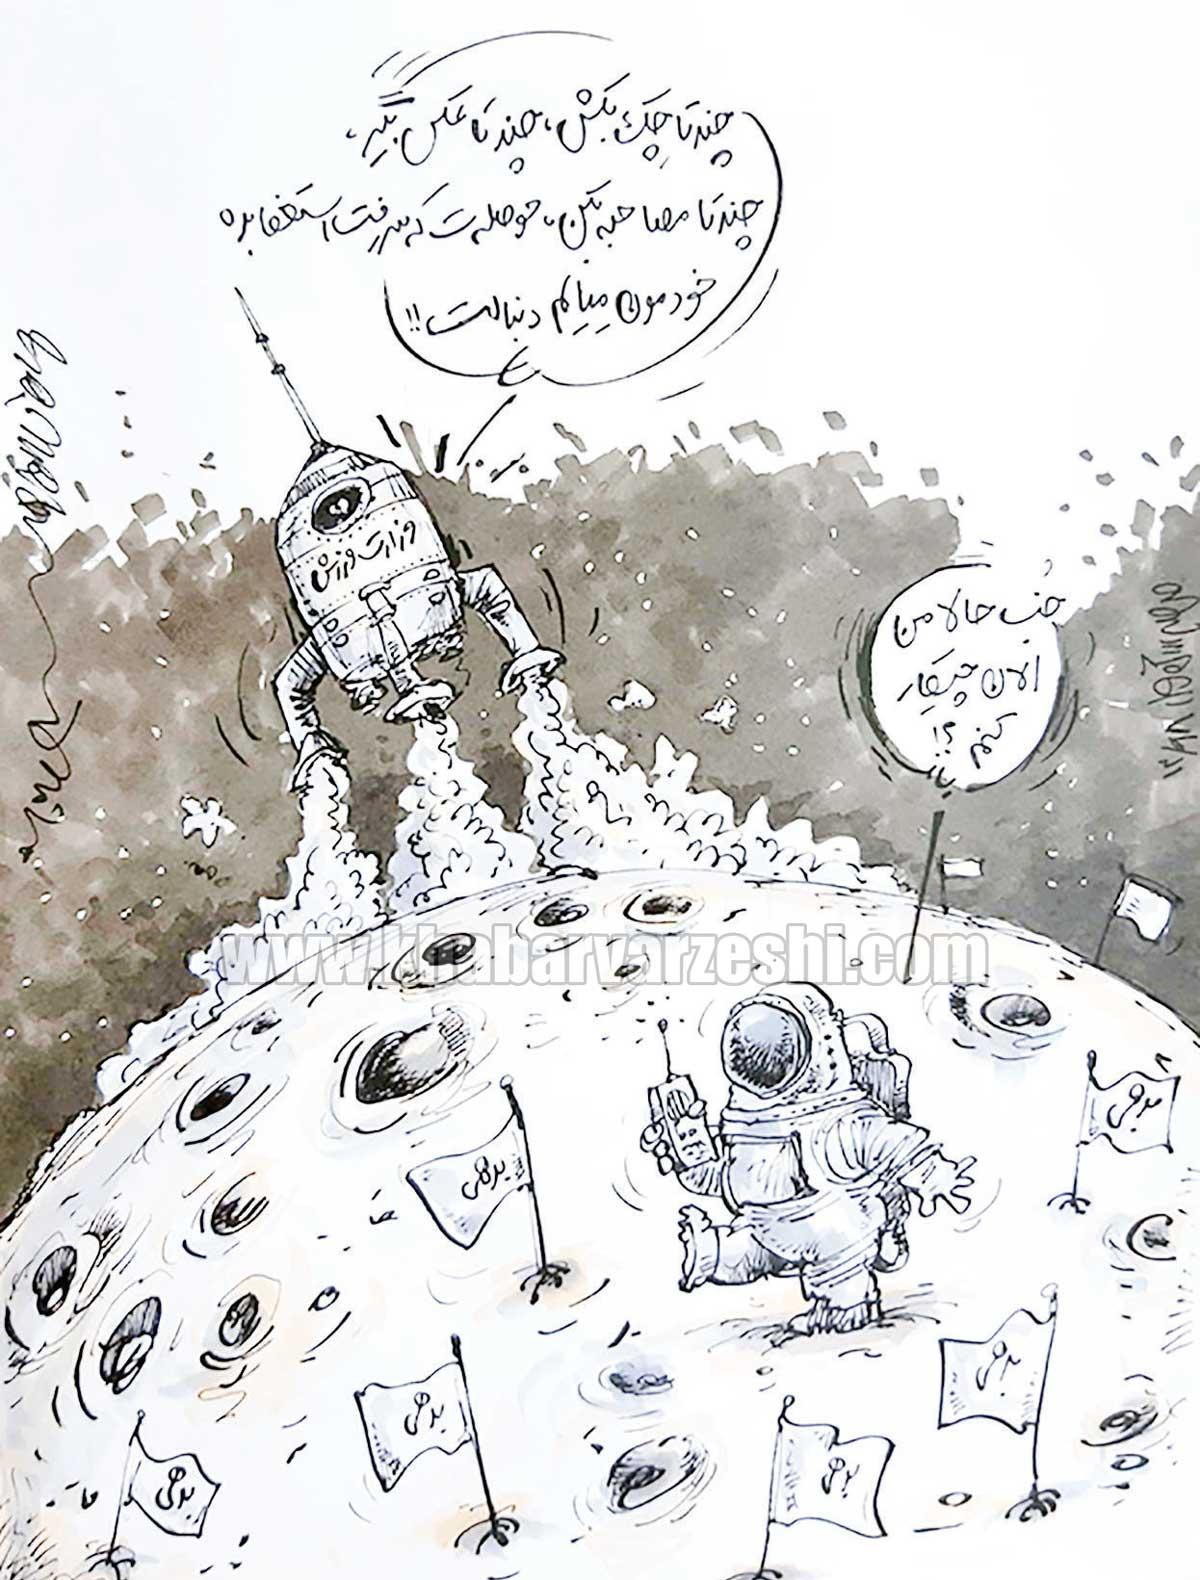 کارتون محمدرضا میرشاهولد درباره مدیریت در استقلال و پرسپولیس